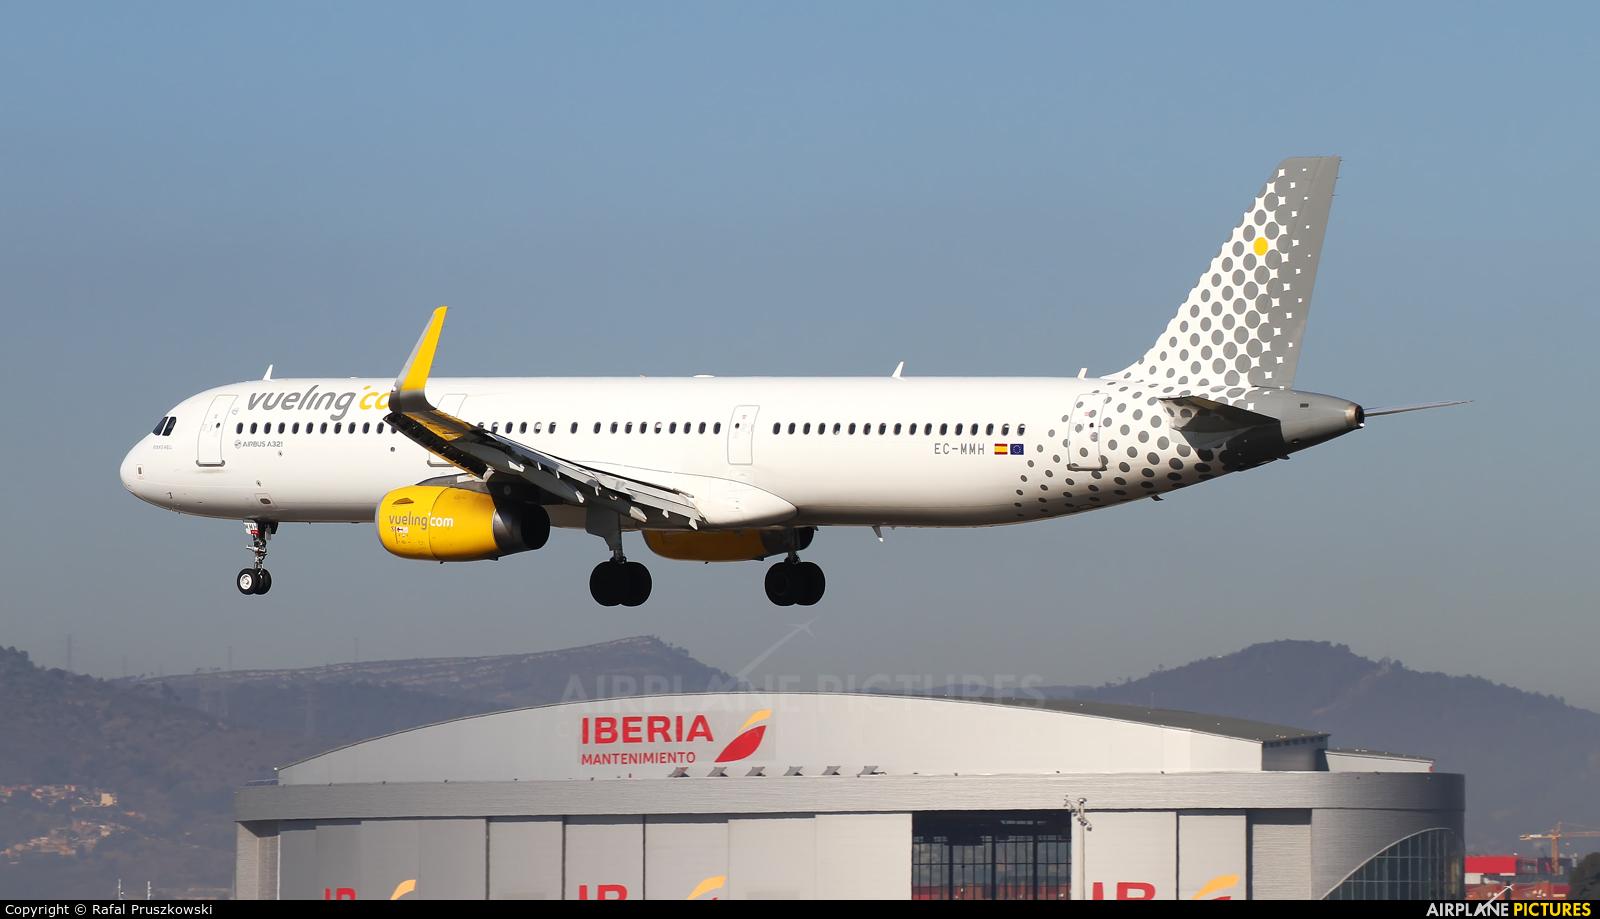 Vueling Airlines EC-MMH aircraft at Barcelona - El Prat